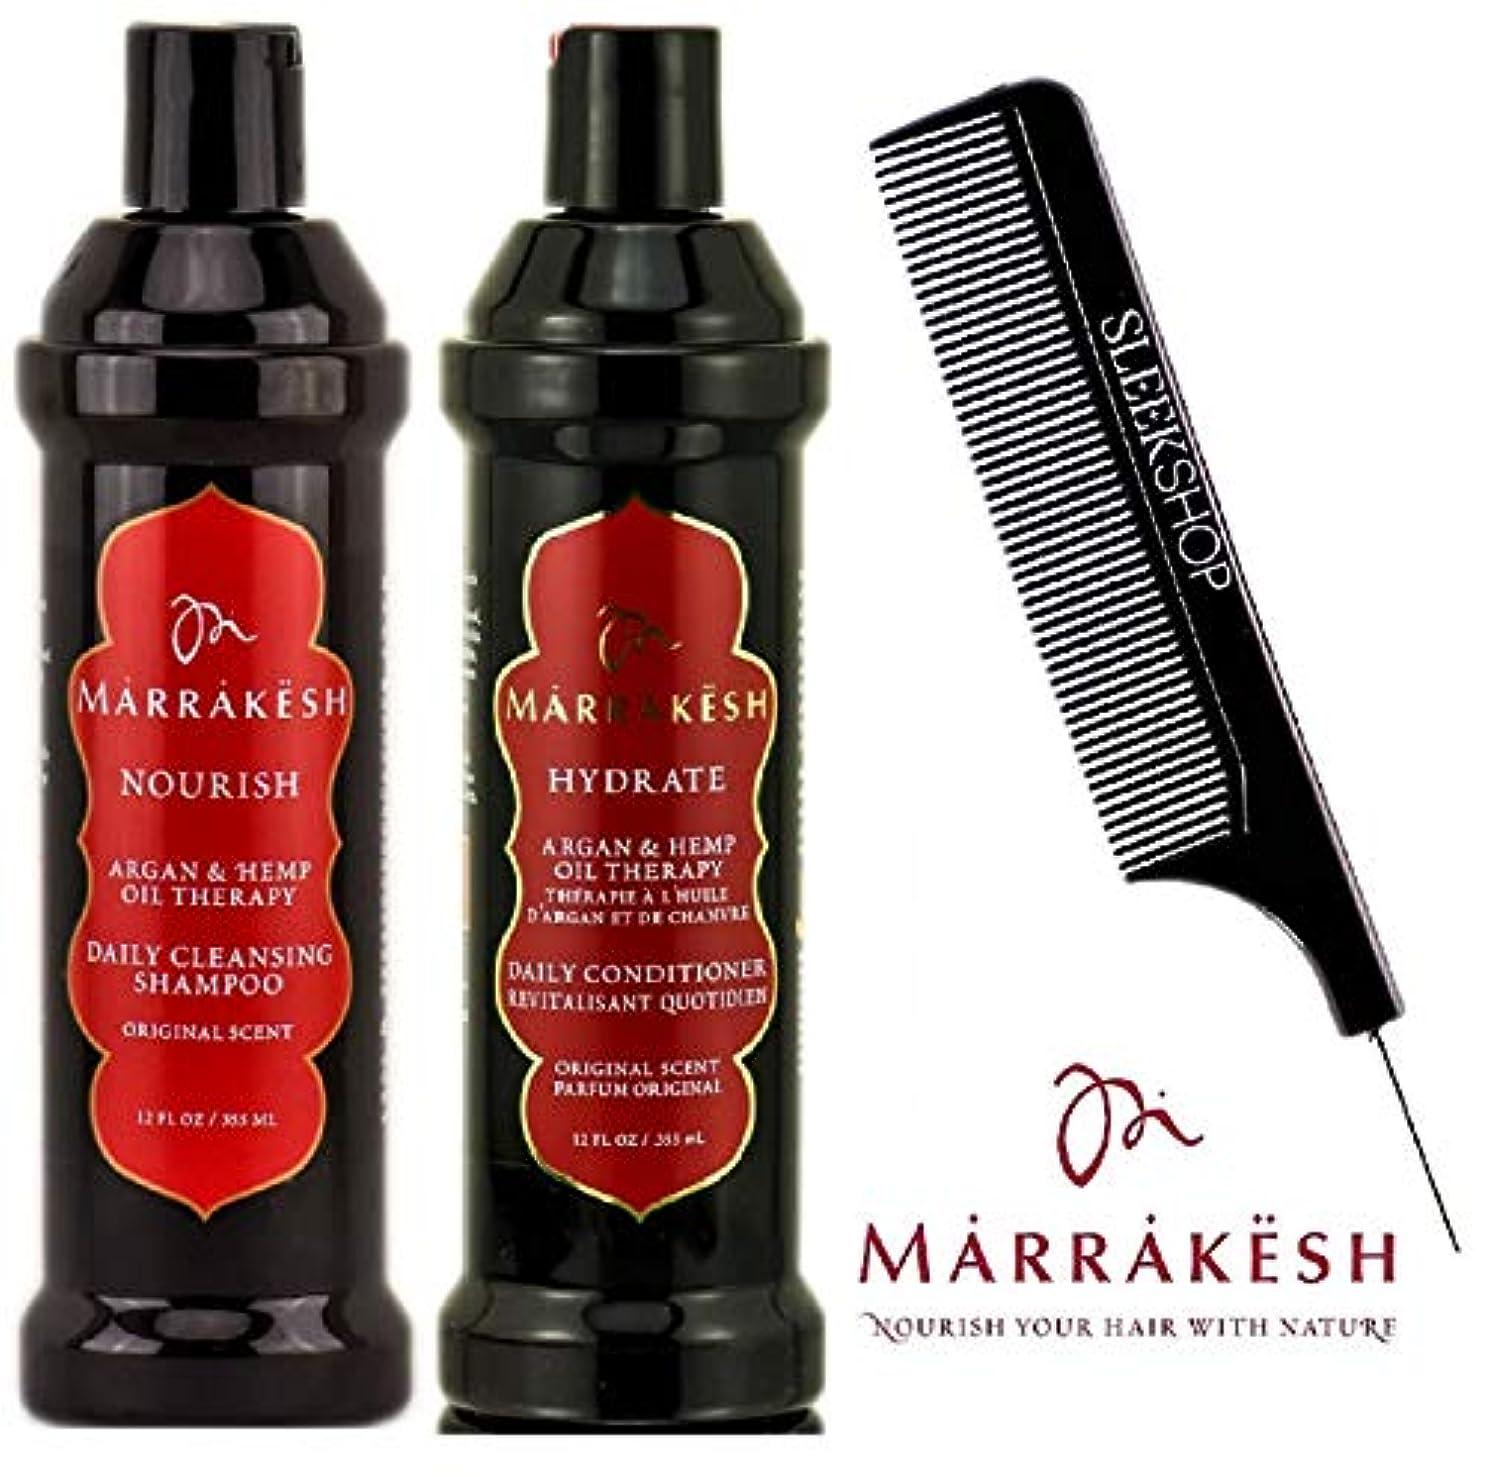 満たす醜い薄いですEarthly Body Marrakesh マラケシュ養う毎日のクレンジングシャンプー&水和物デイリーコンディショナー(ORIGINAL SCENT)デュオキット、アルガン&HEMP OIL THERAPY(なめらかな...